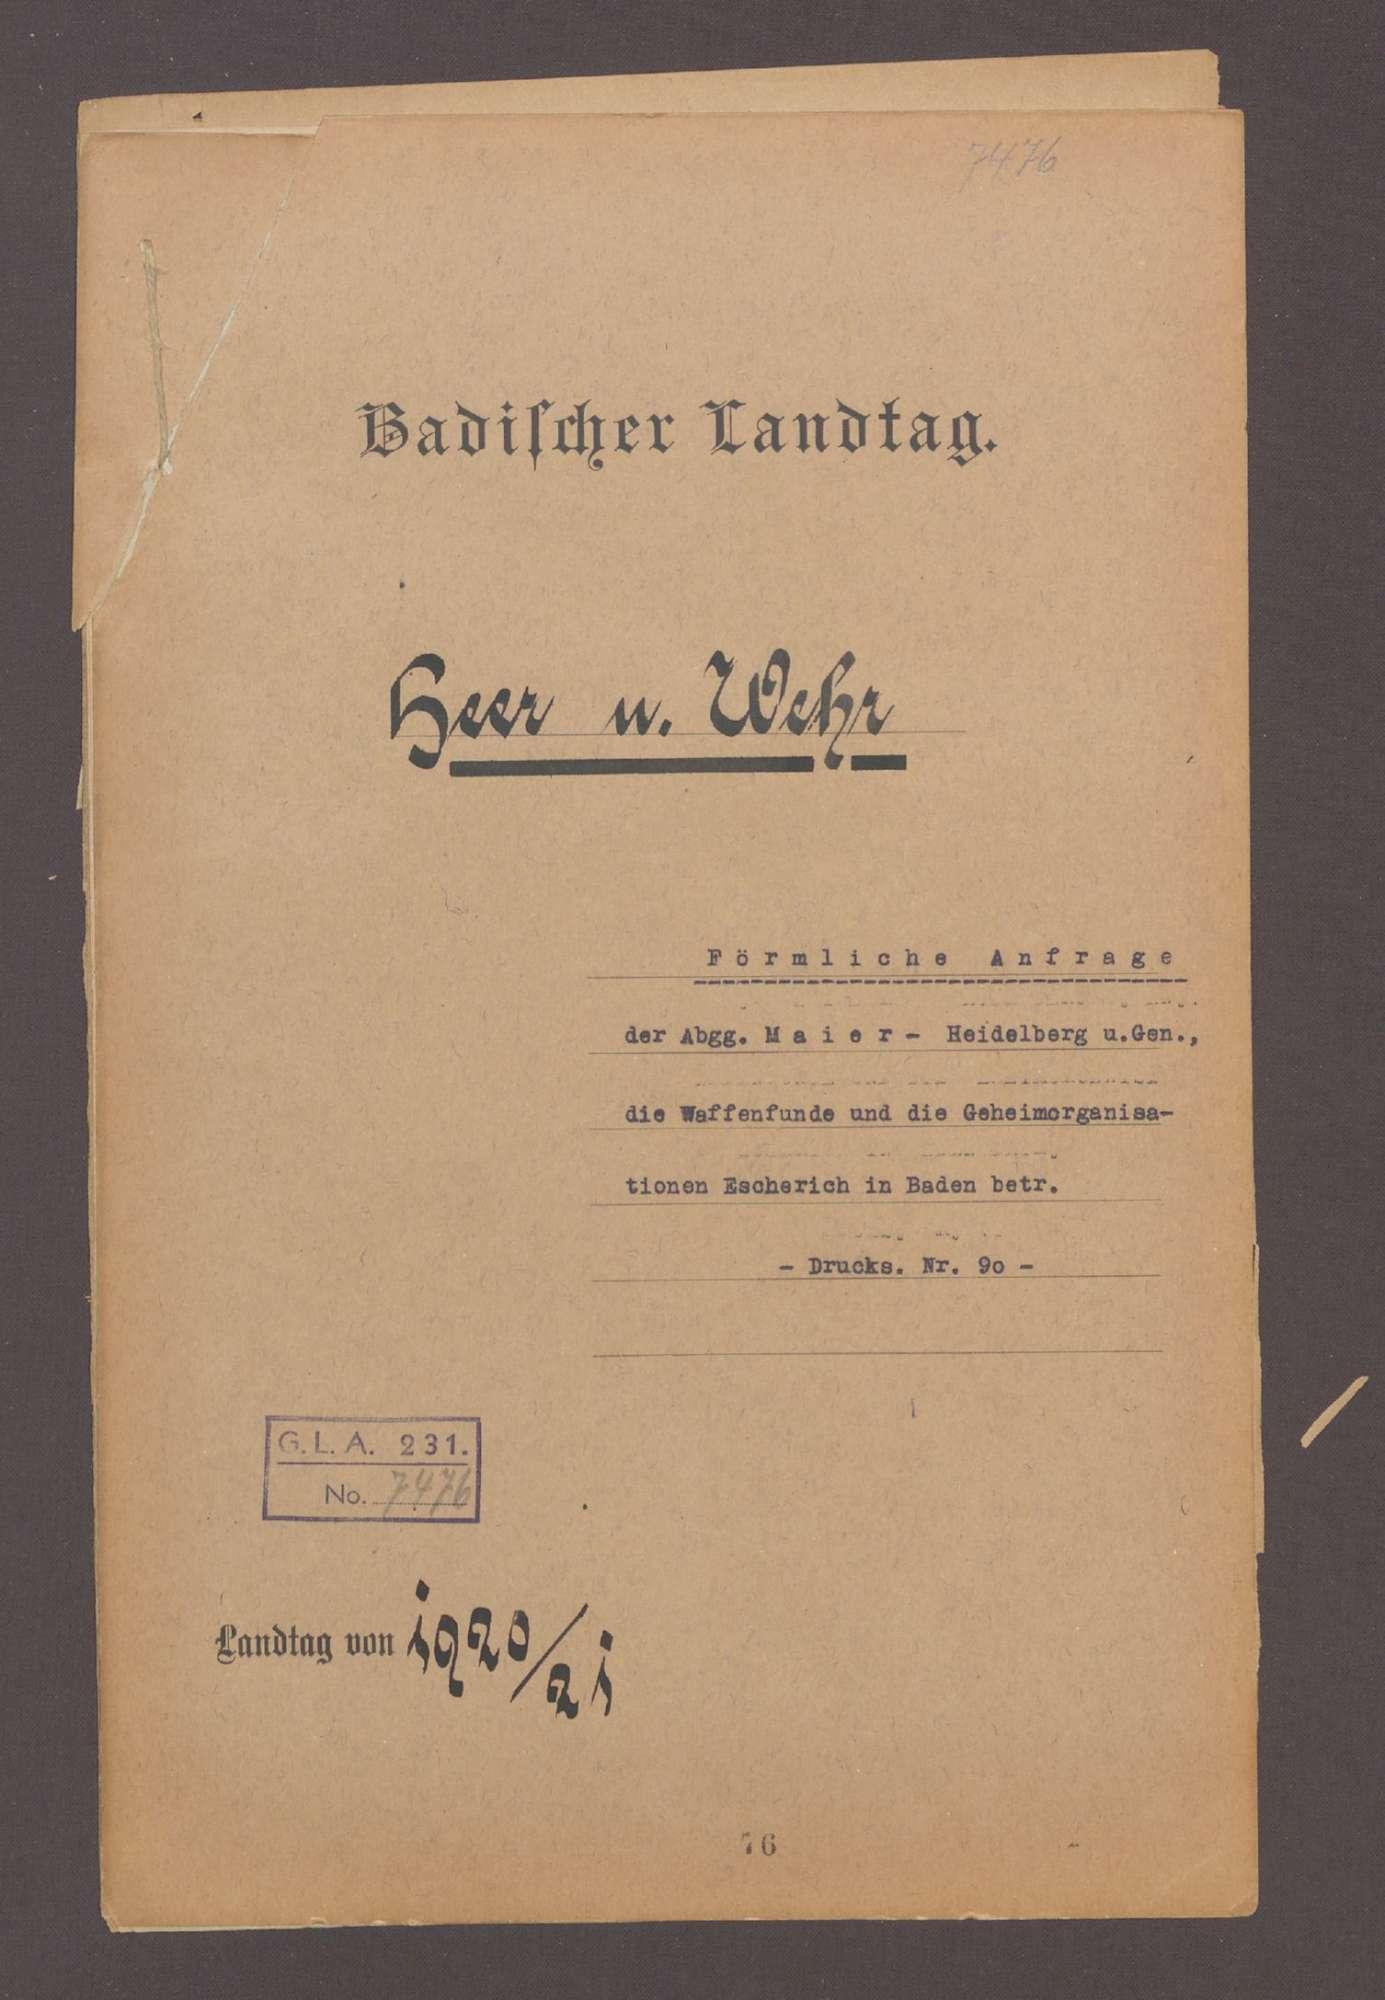 Förmliche Anfrage der Abg. Maier, Heidelberg und Gen. betreffend die Waffenfunde und die Geheimorganisation Escherich in Baden, Bild 1